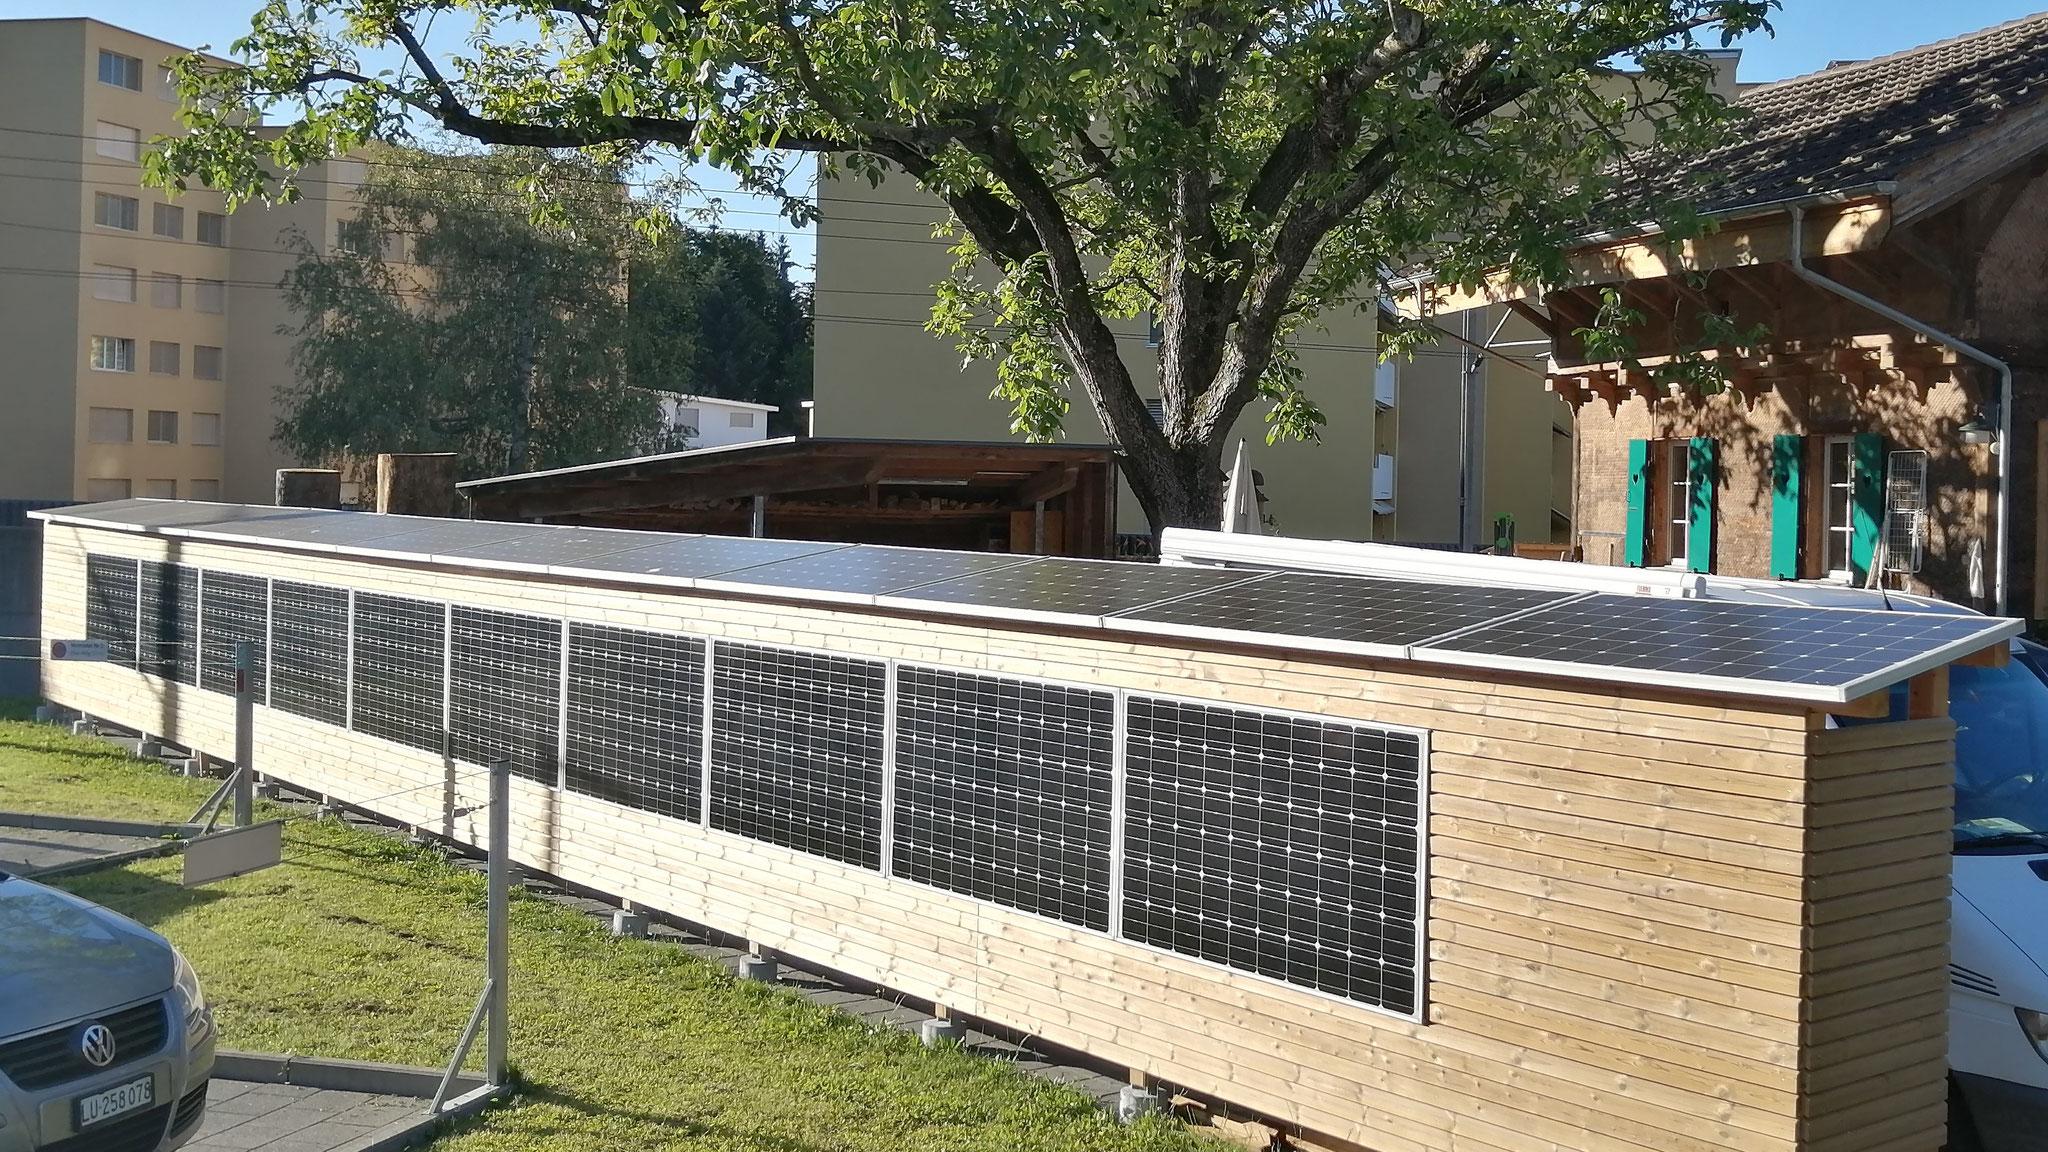 Sichtschutz, Unterstand und Solarstromanlage in einem